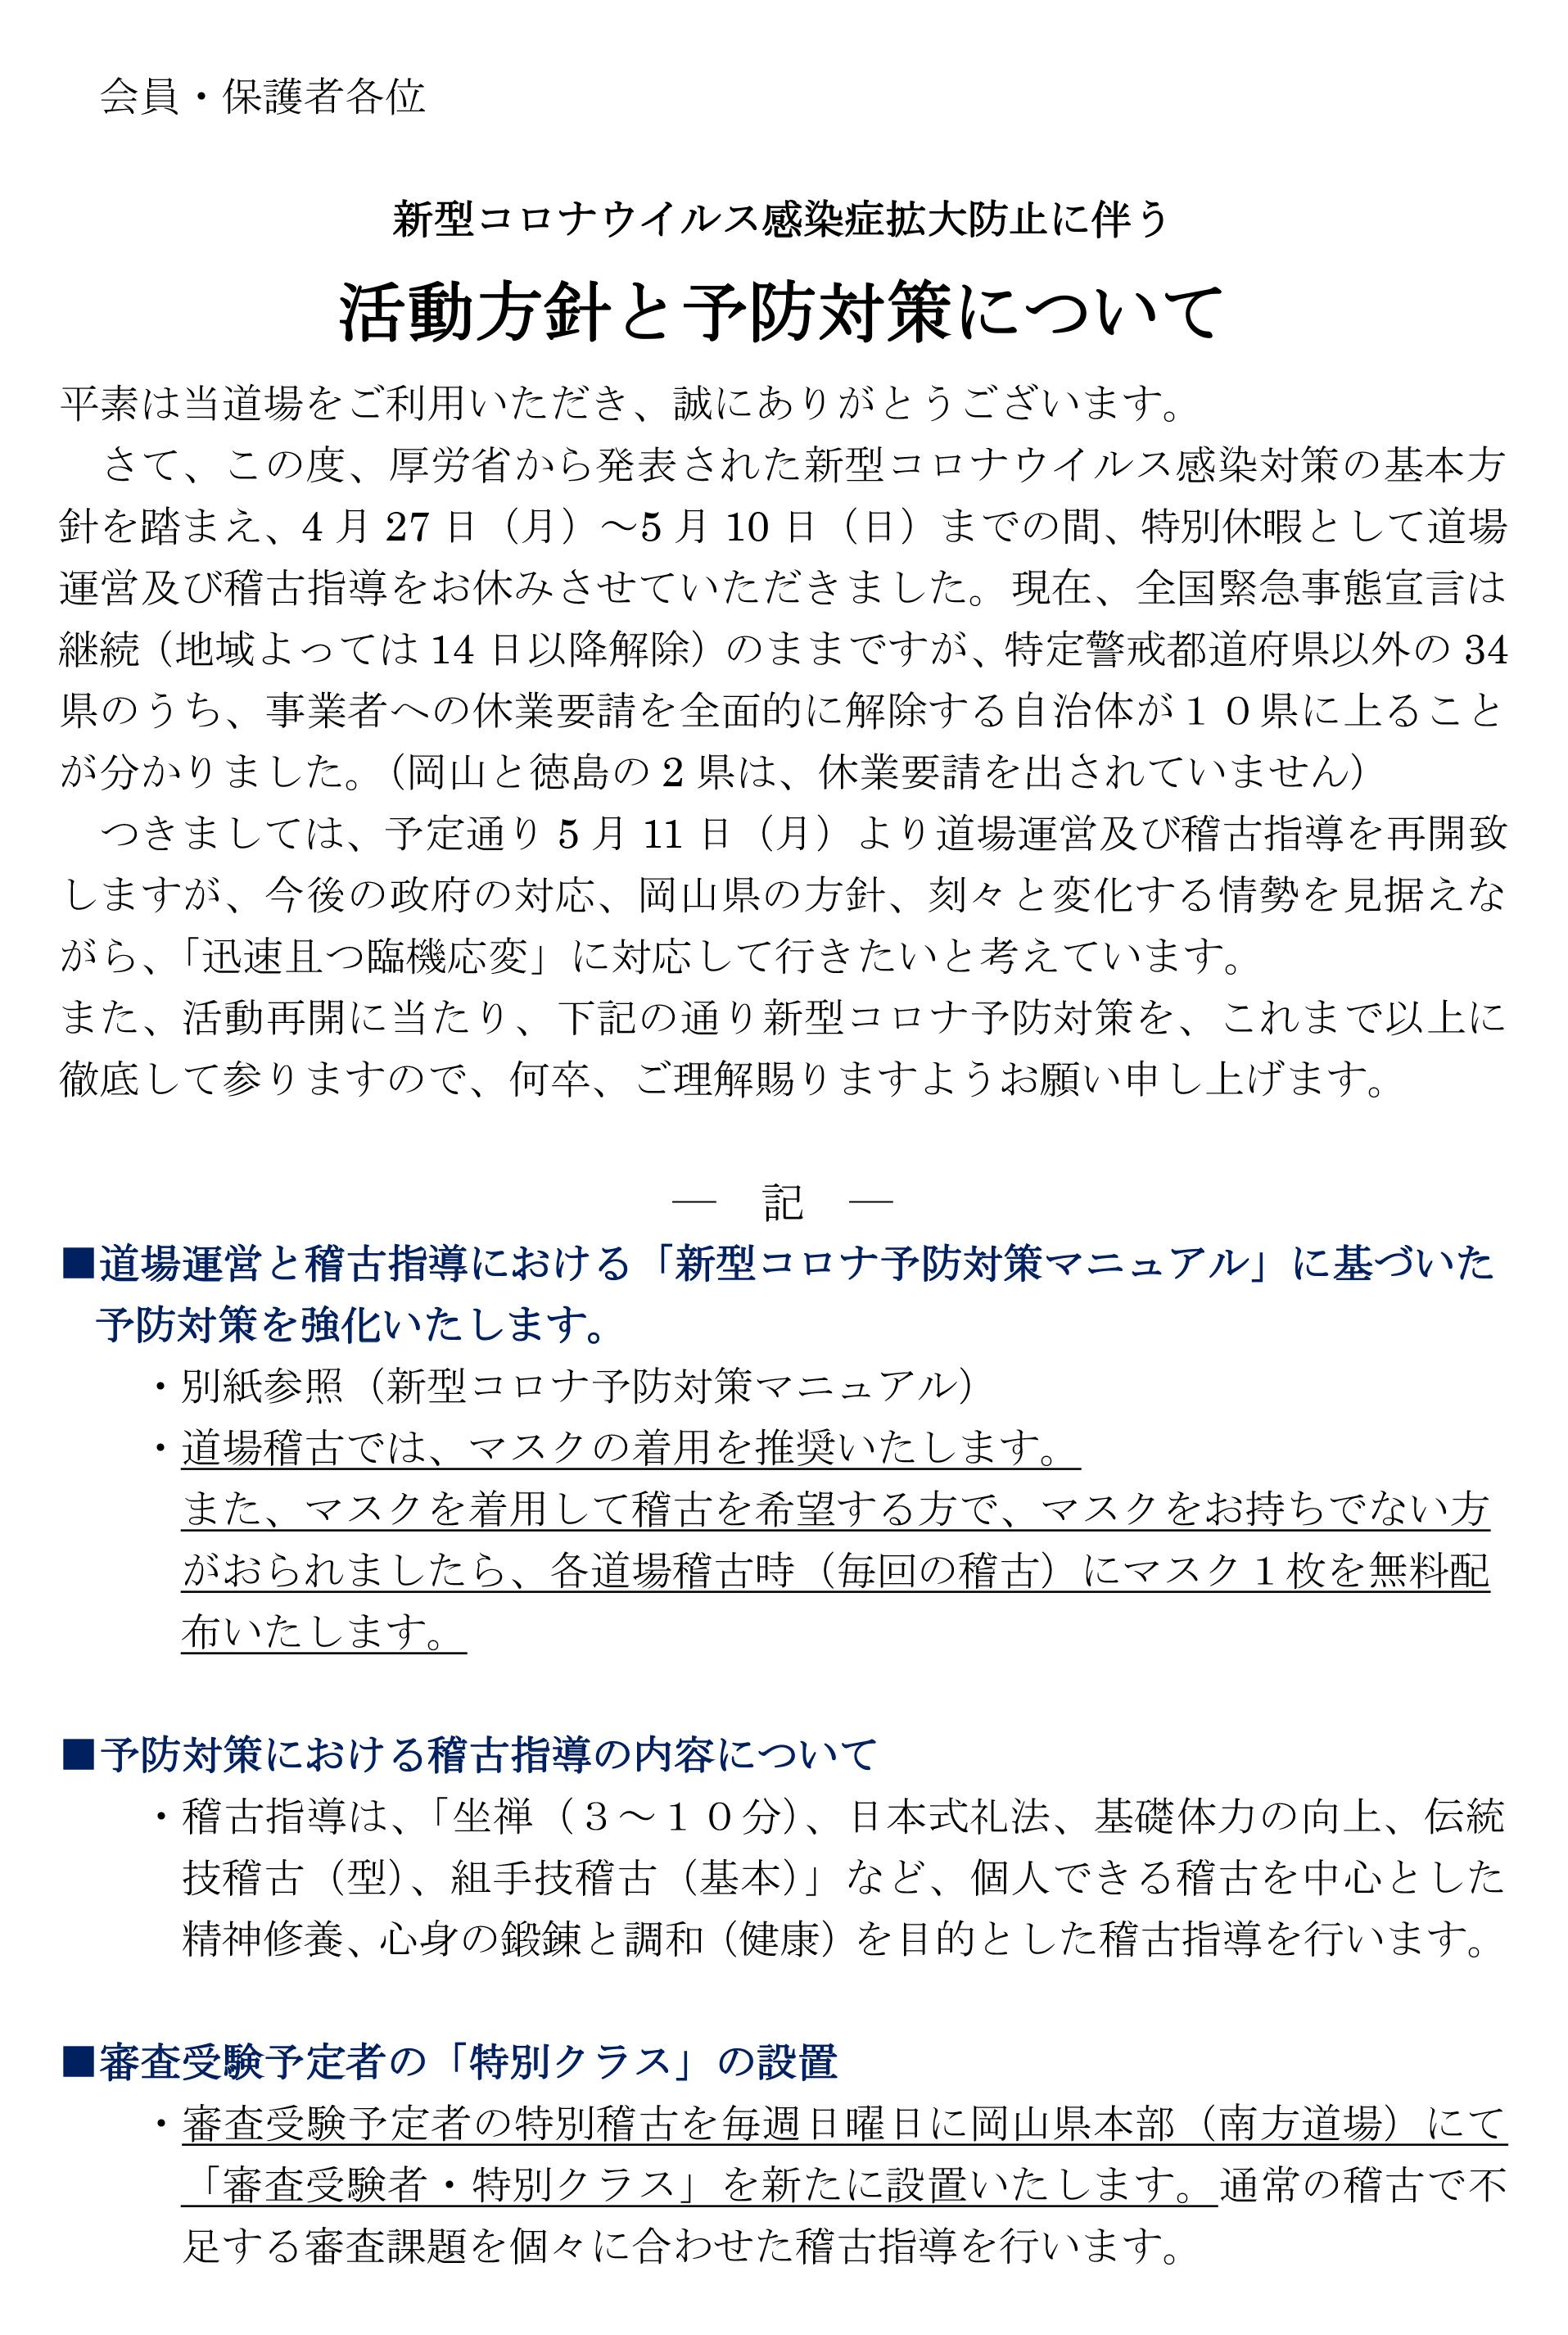 2020年 案内1(コロナ・マスク)-1